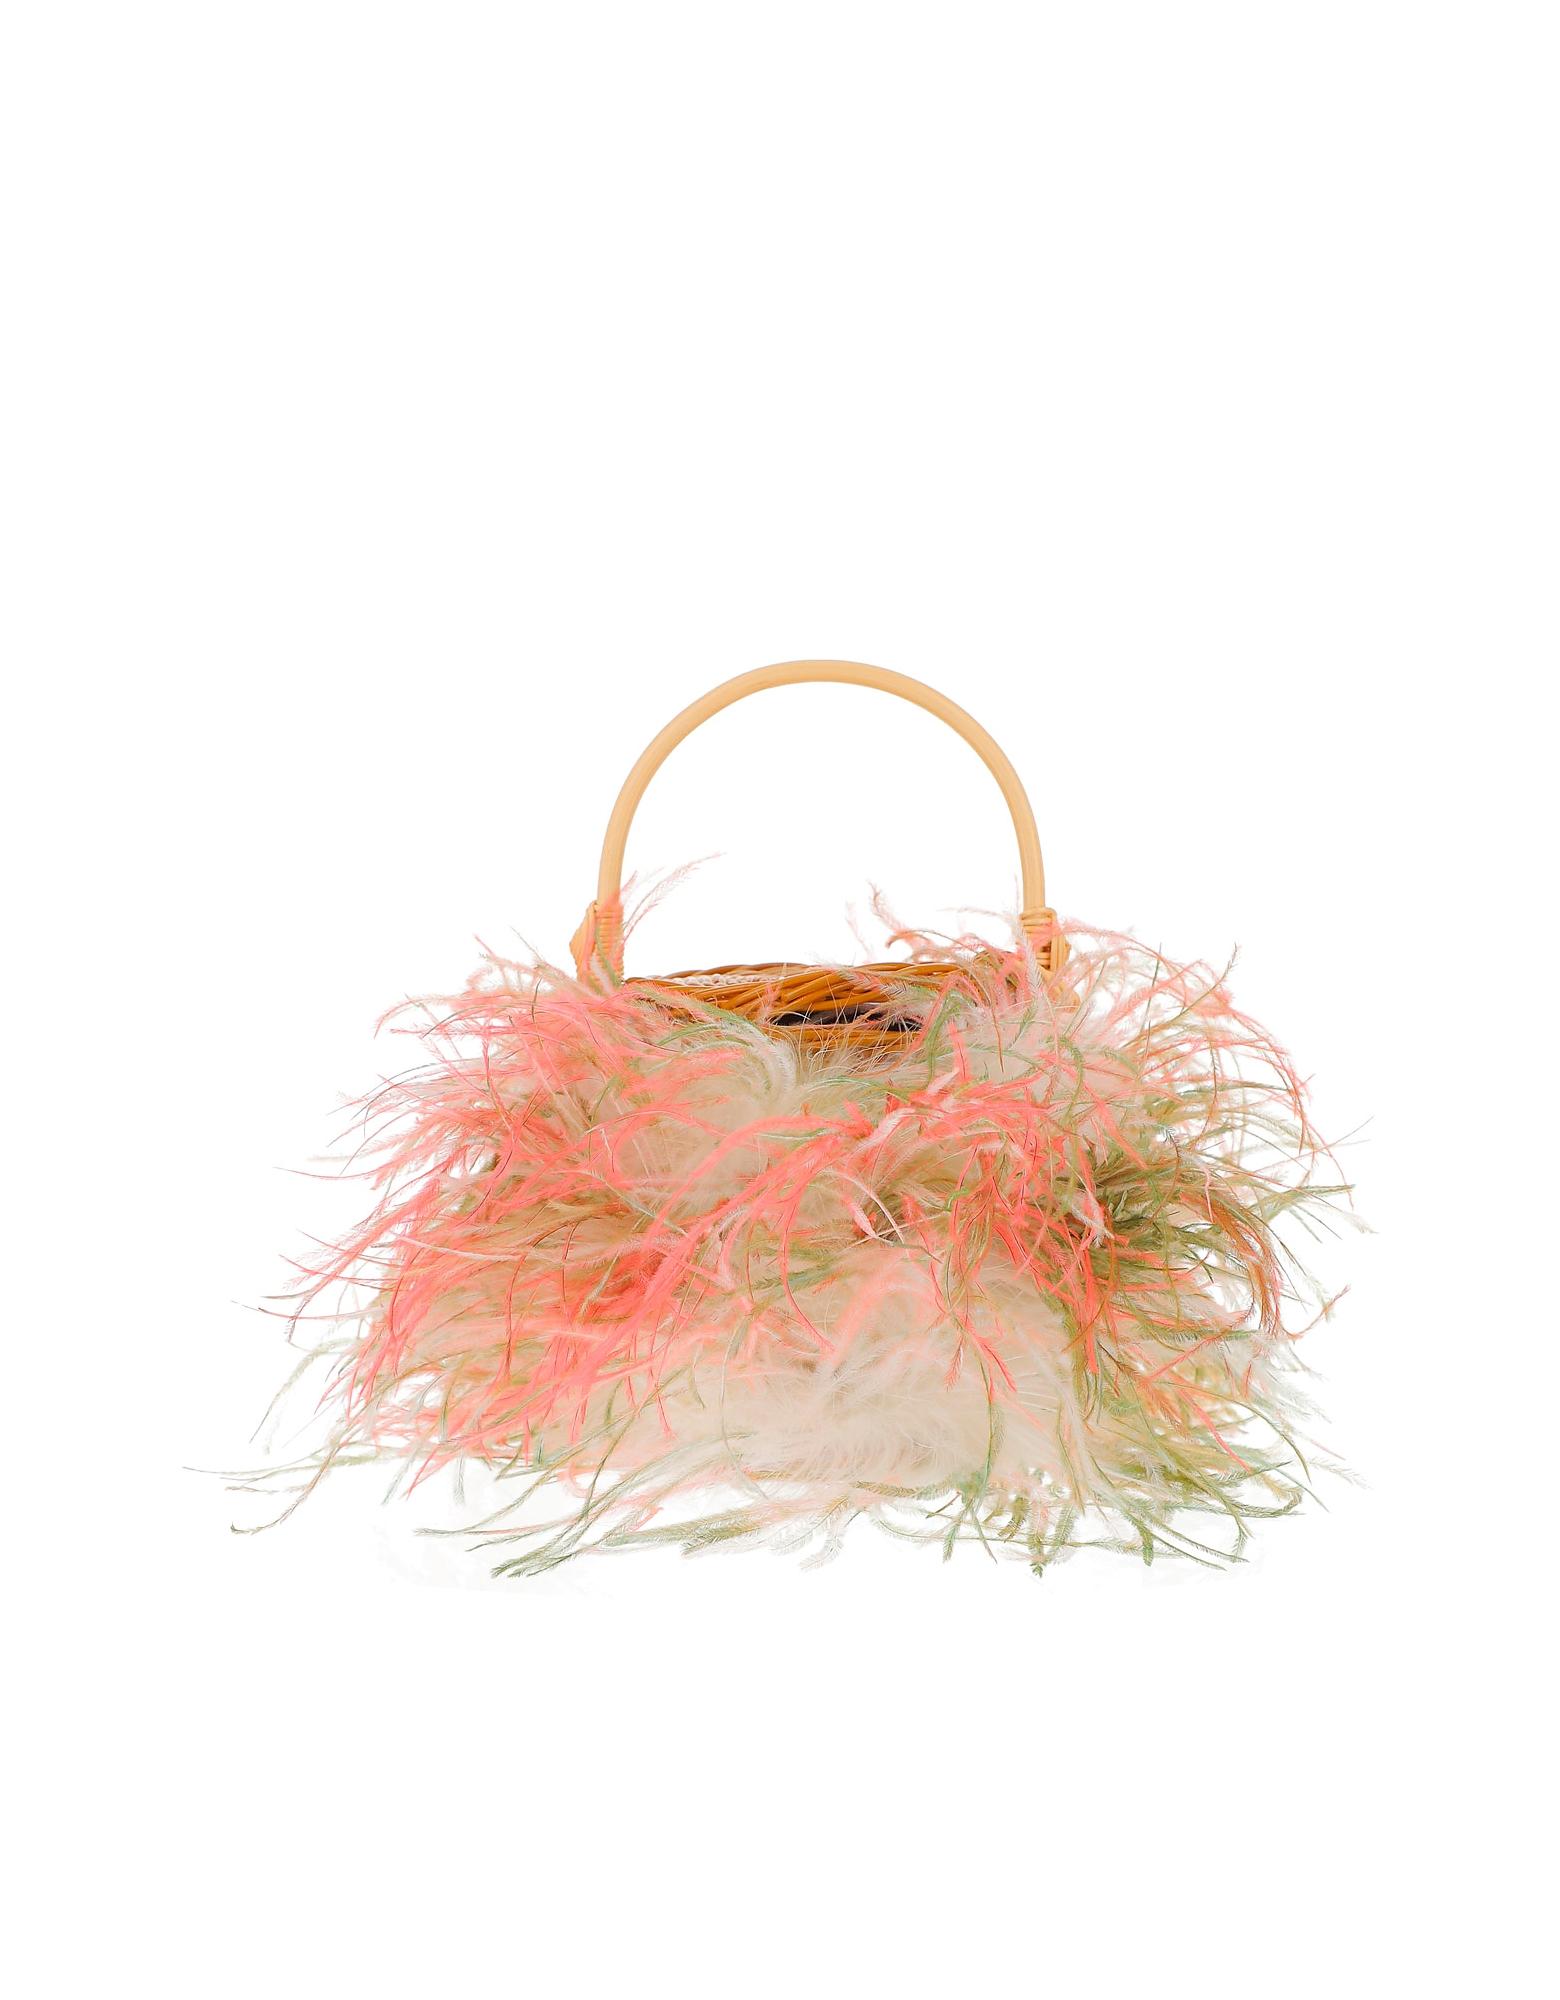 Gatti Designer Handbags, Pink and White Tweety Bag